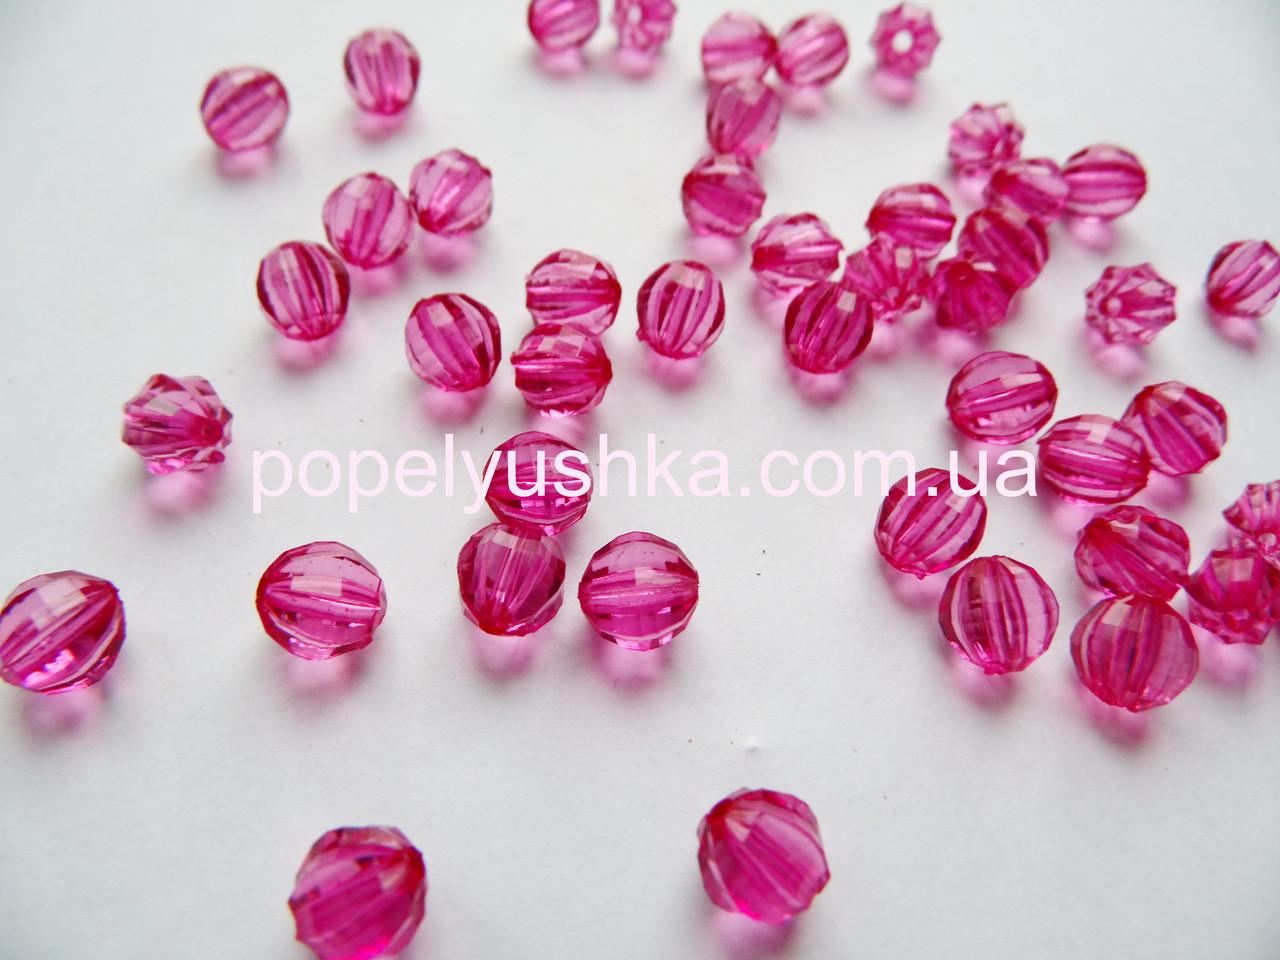 Намистини круглі, грановані. акрил Рожеві 6 мм (50 шт.)